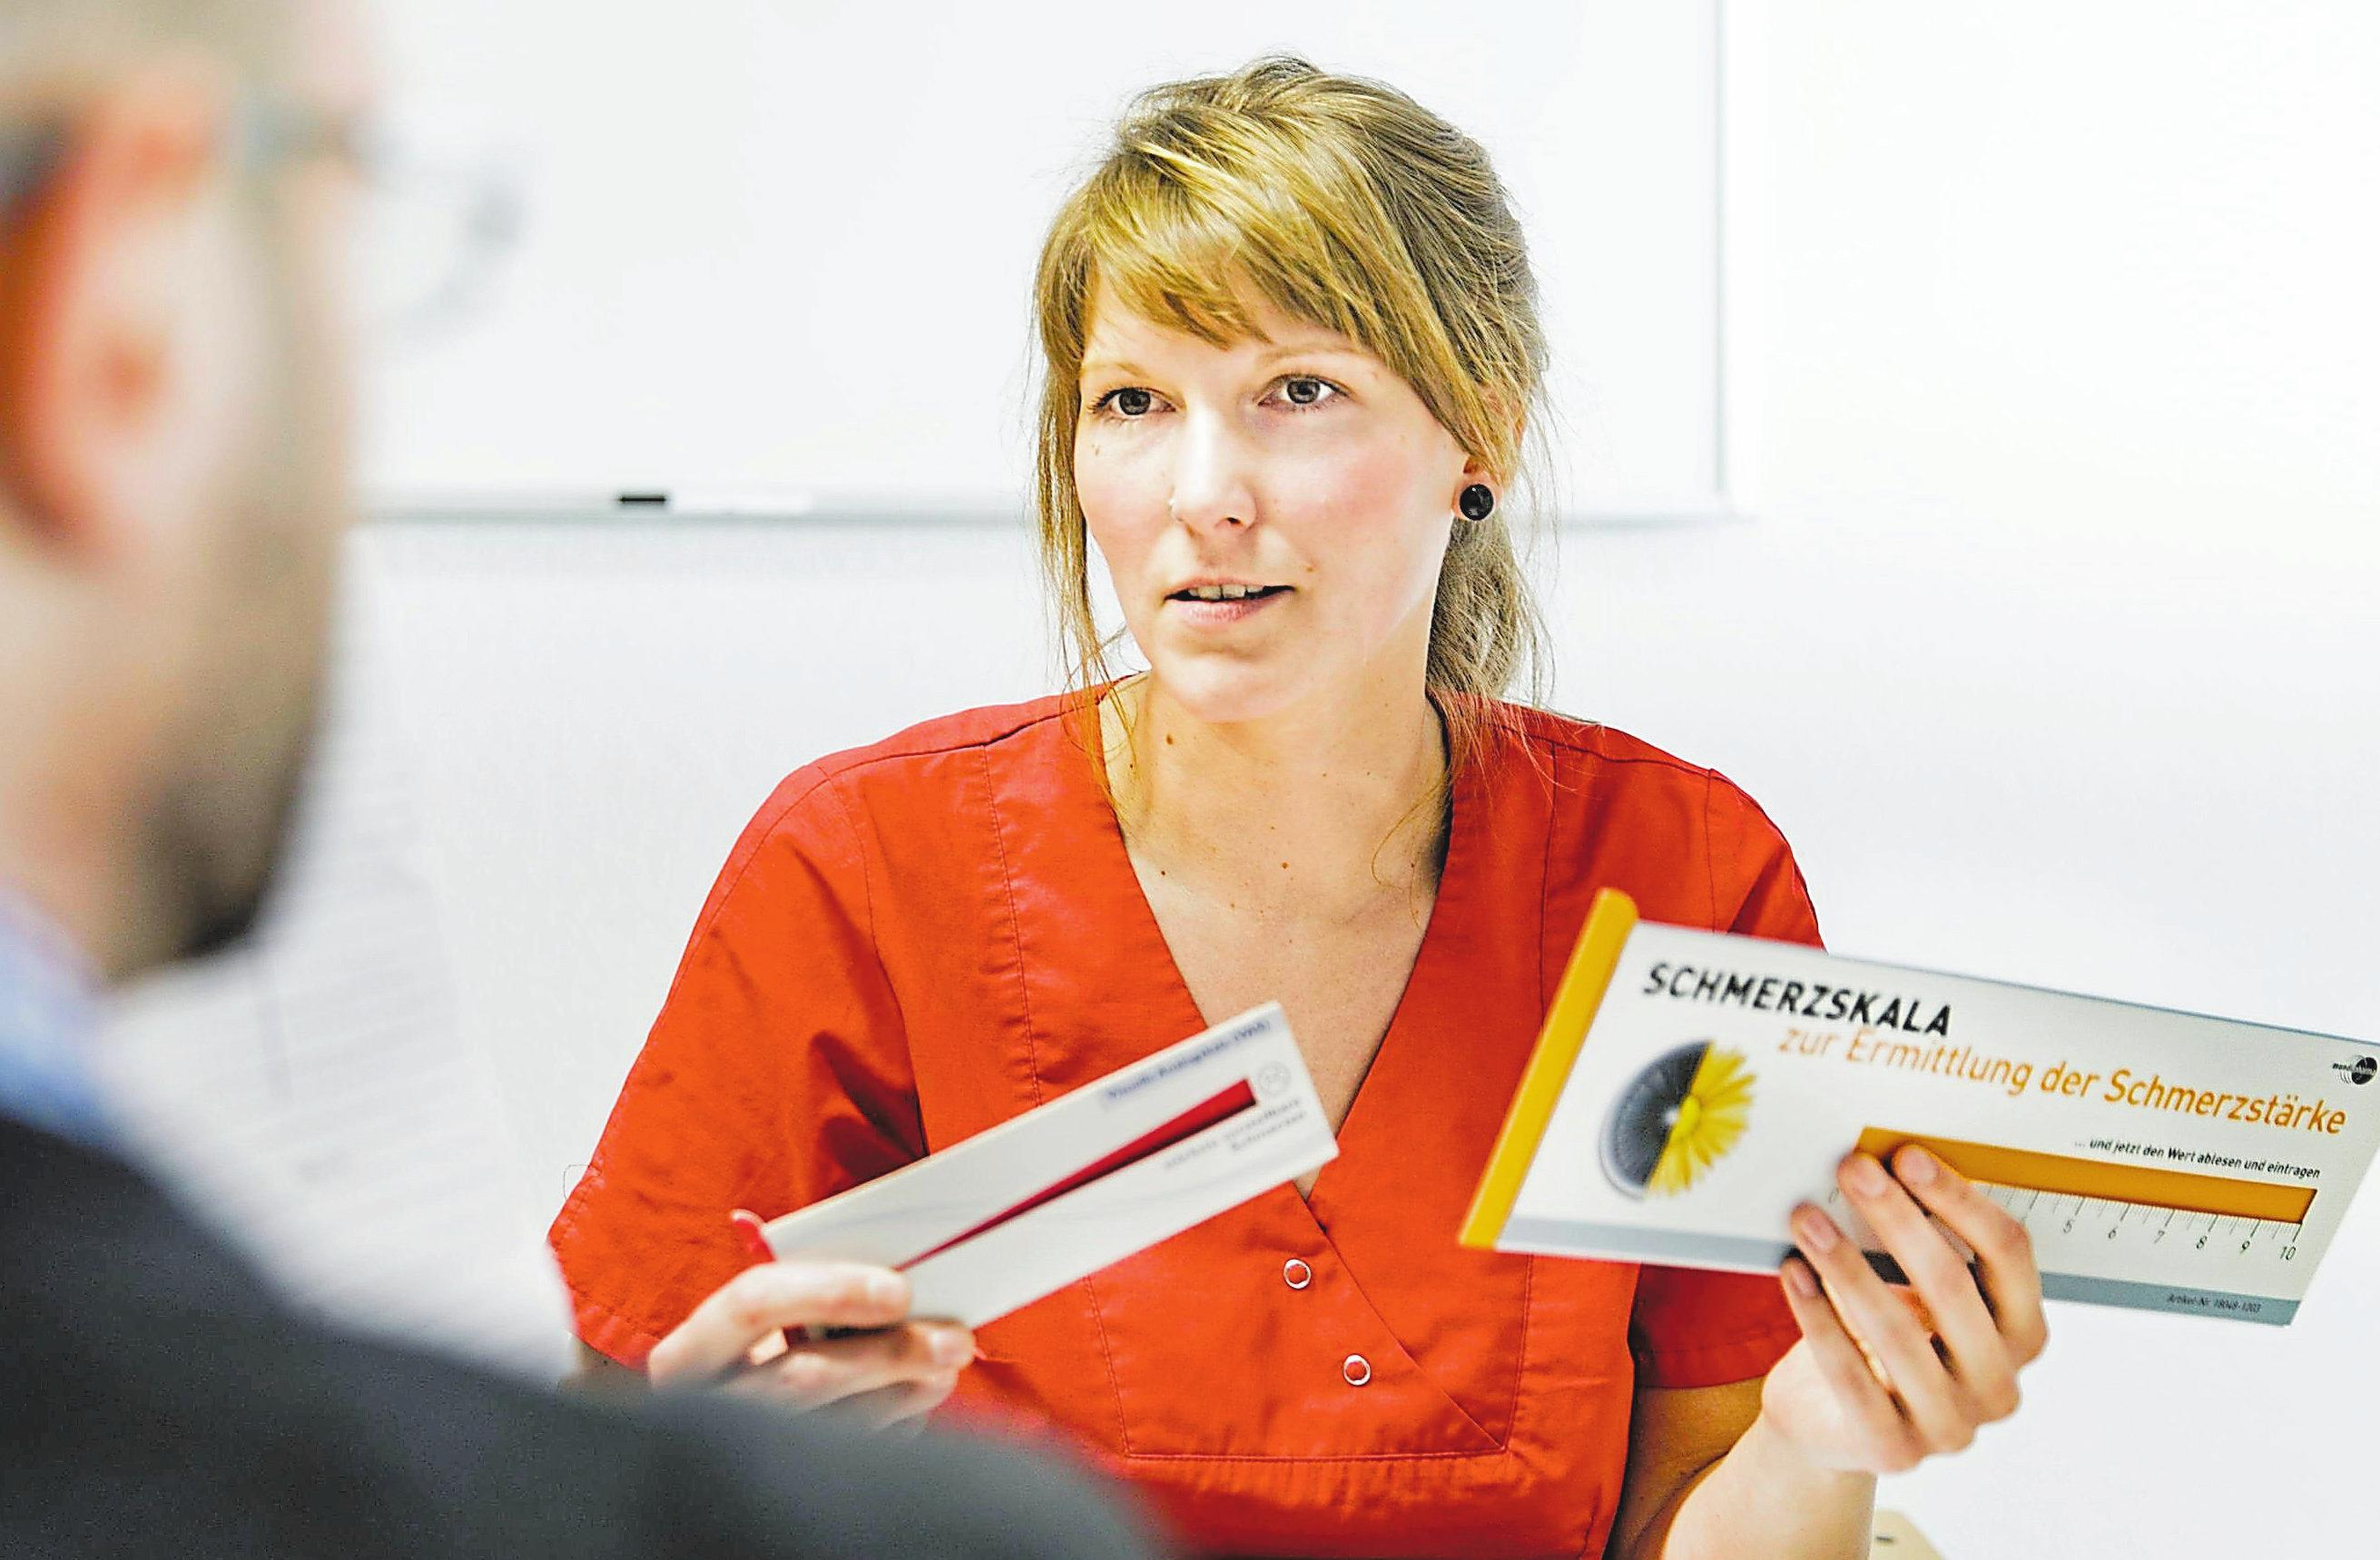 Marei Haarmann ist examinierte Altenpflegerin und arbeitet als Pain Nurse im Altenheim Friedrichsburg in Münster.